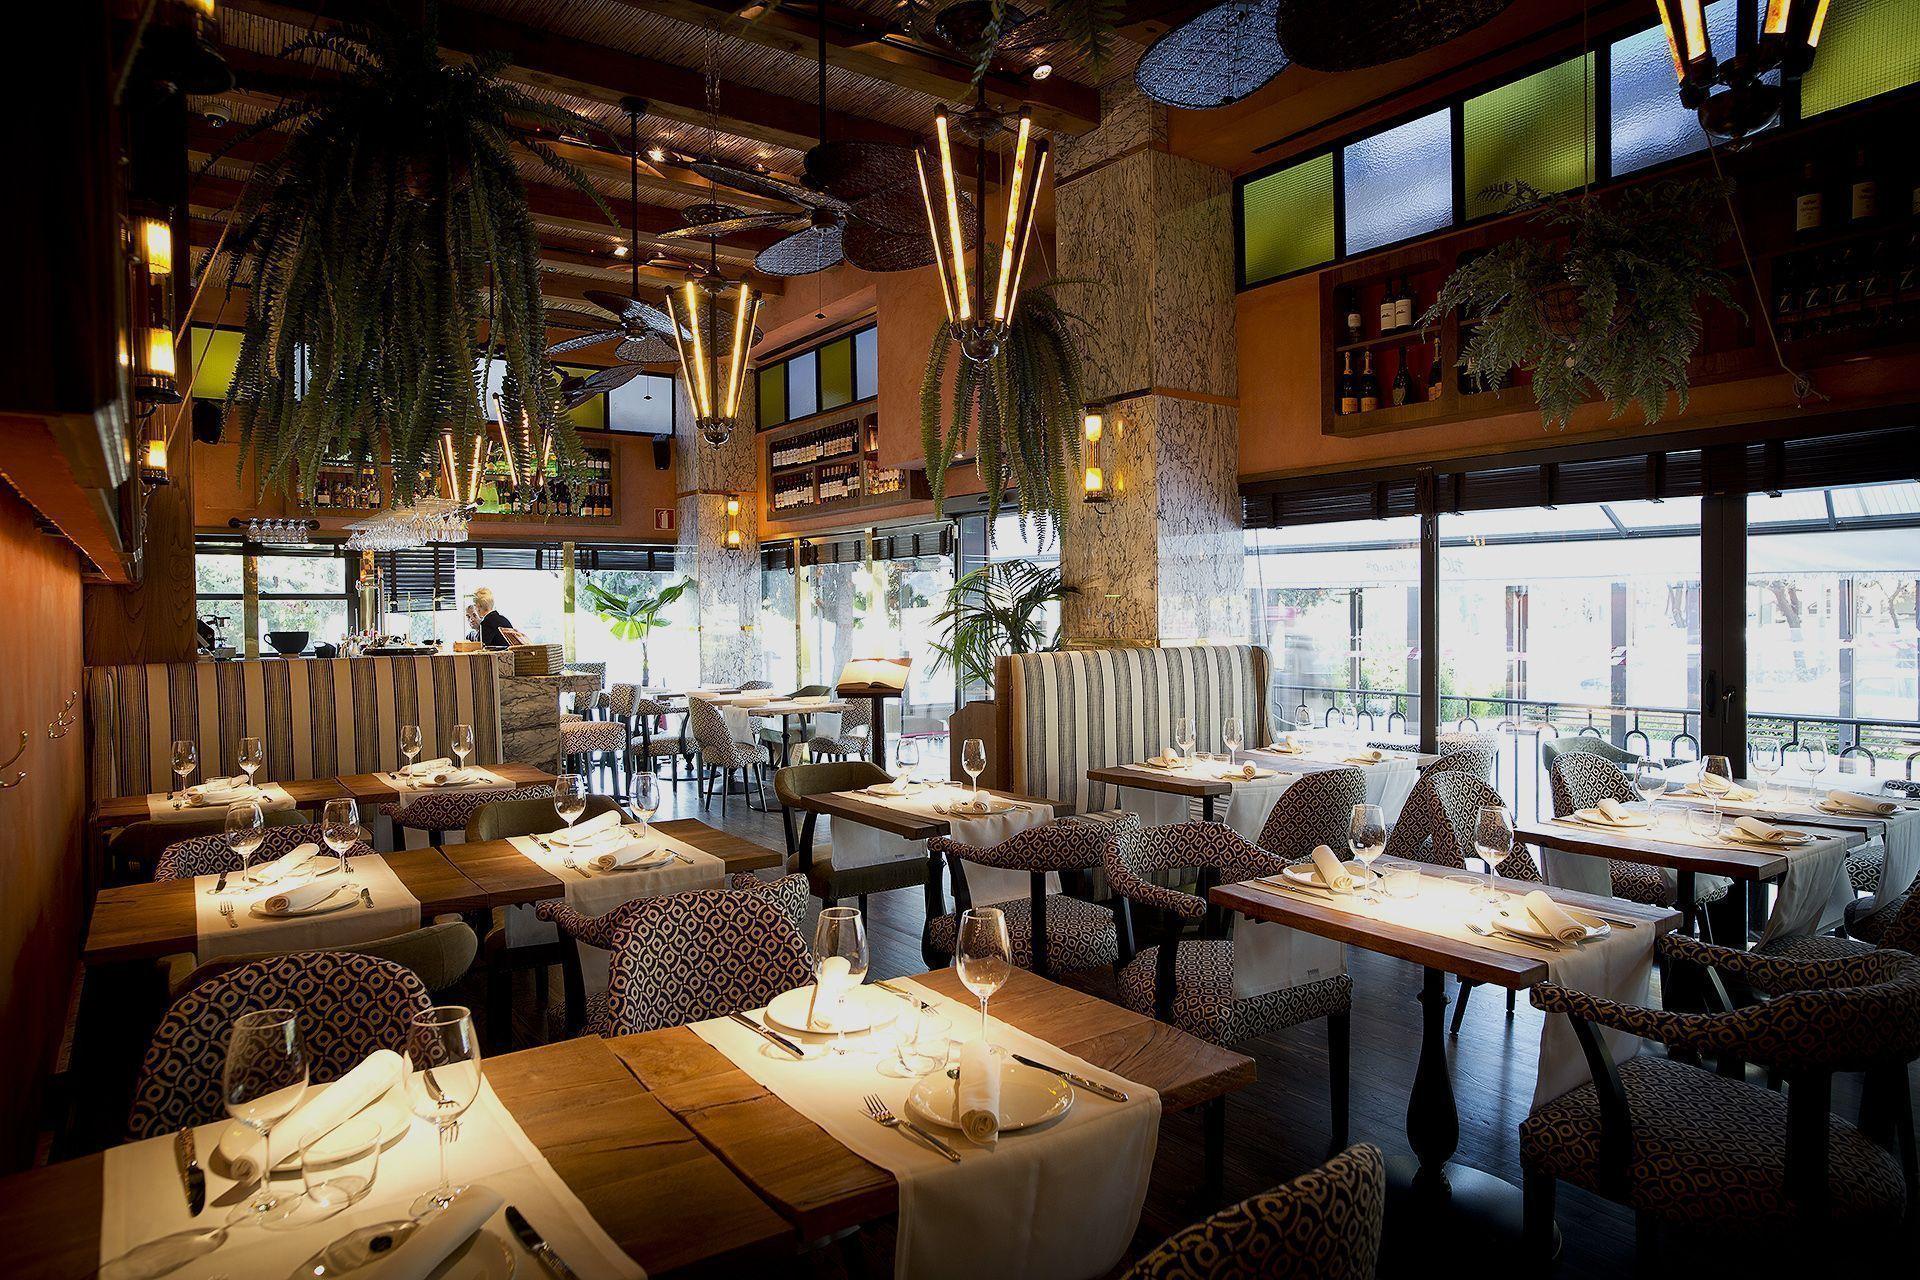 Excelente Plantillas De Diseño De Cocina Restaurante Patrón - Como ...